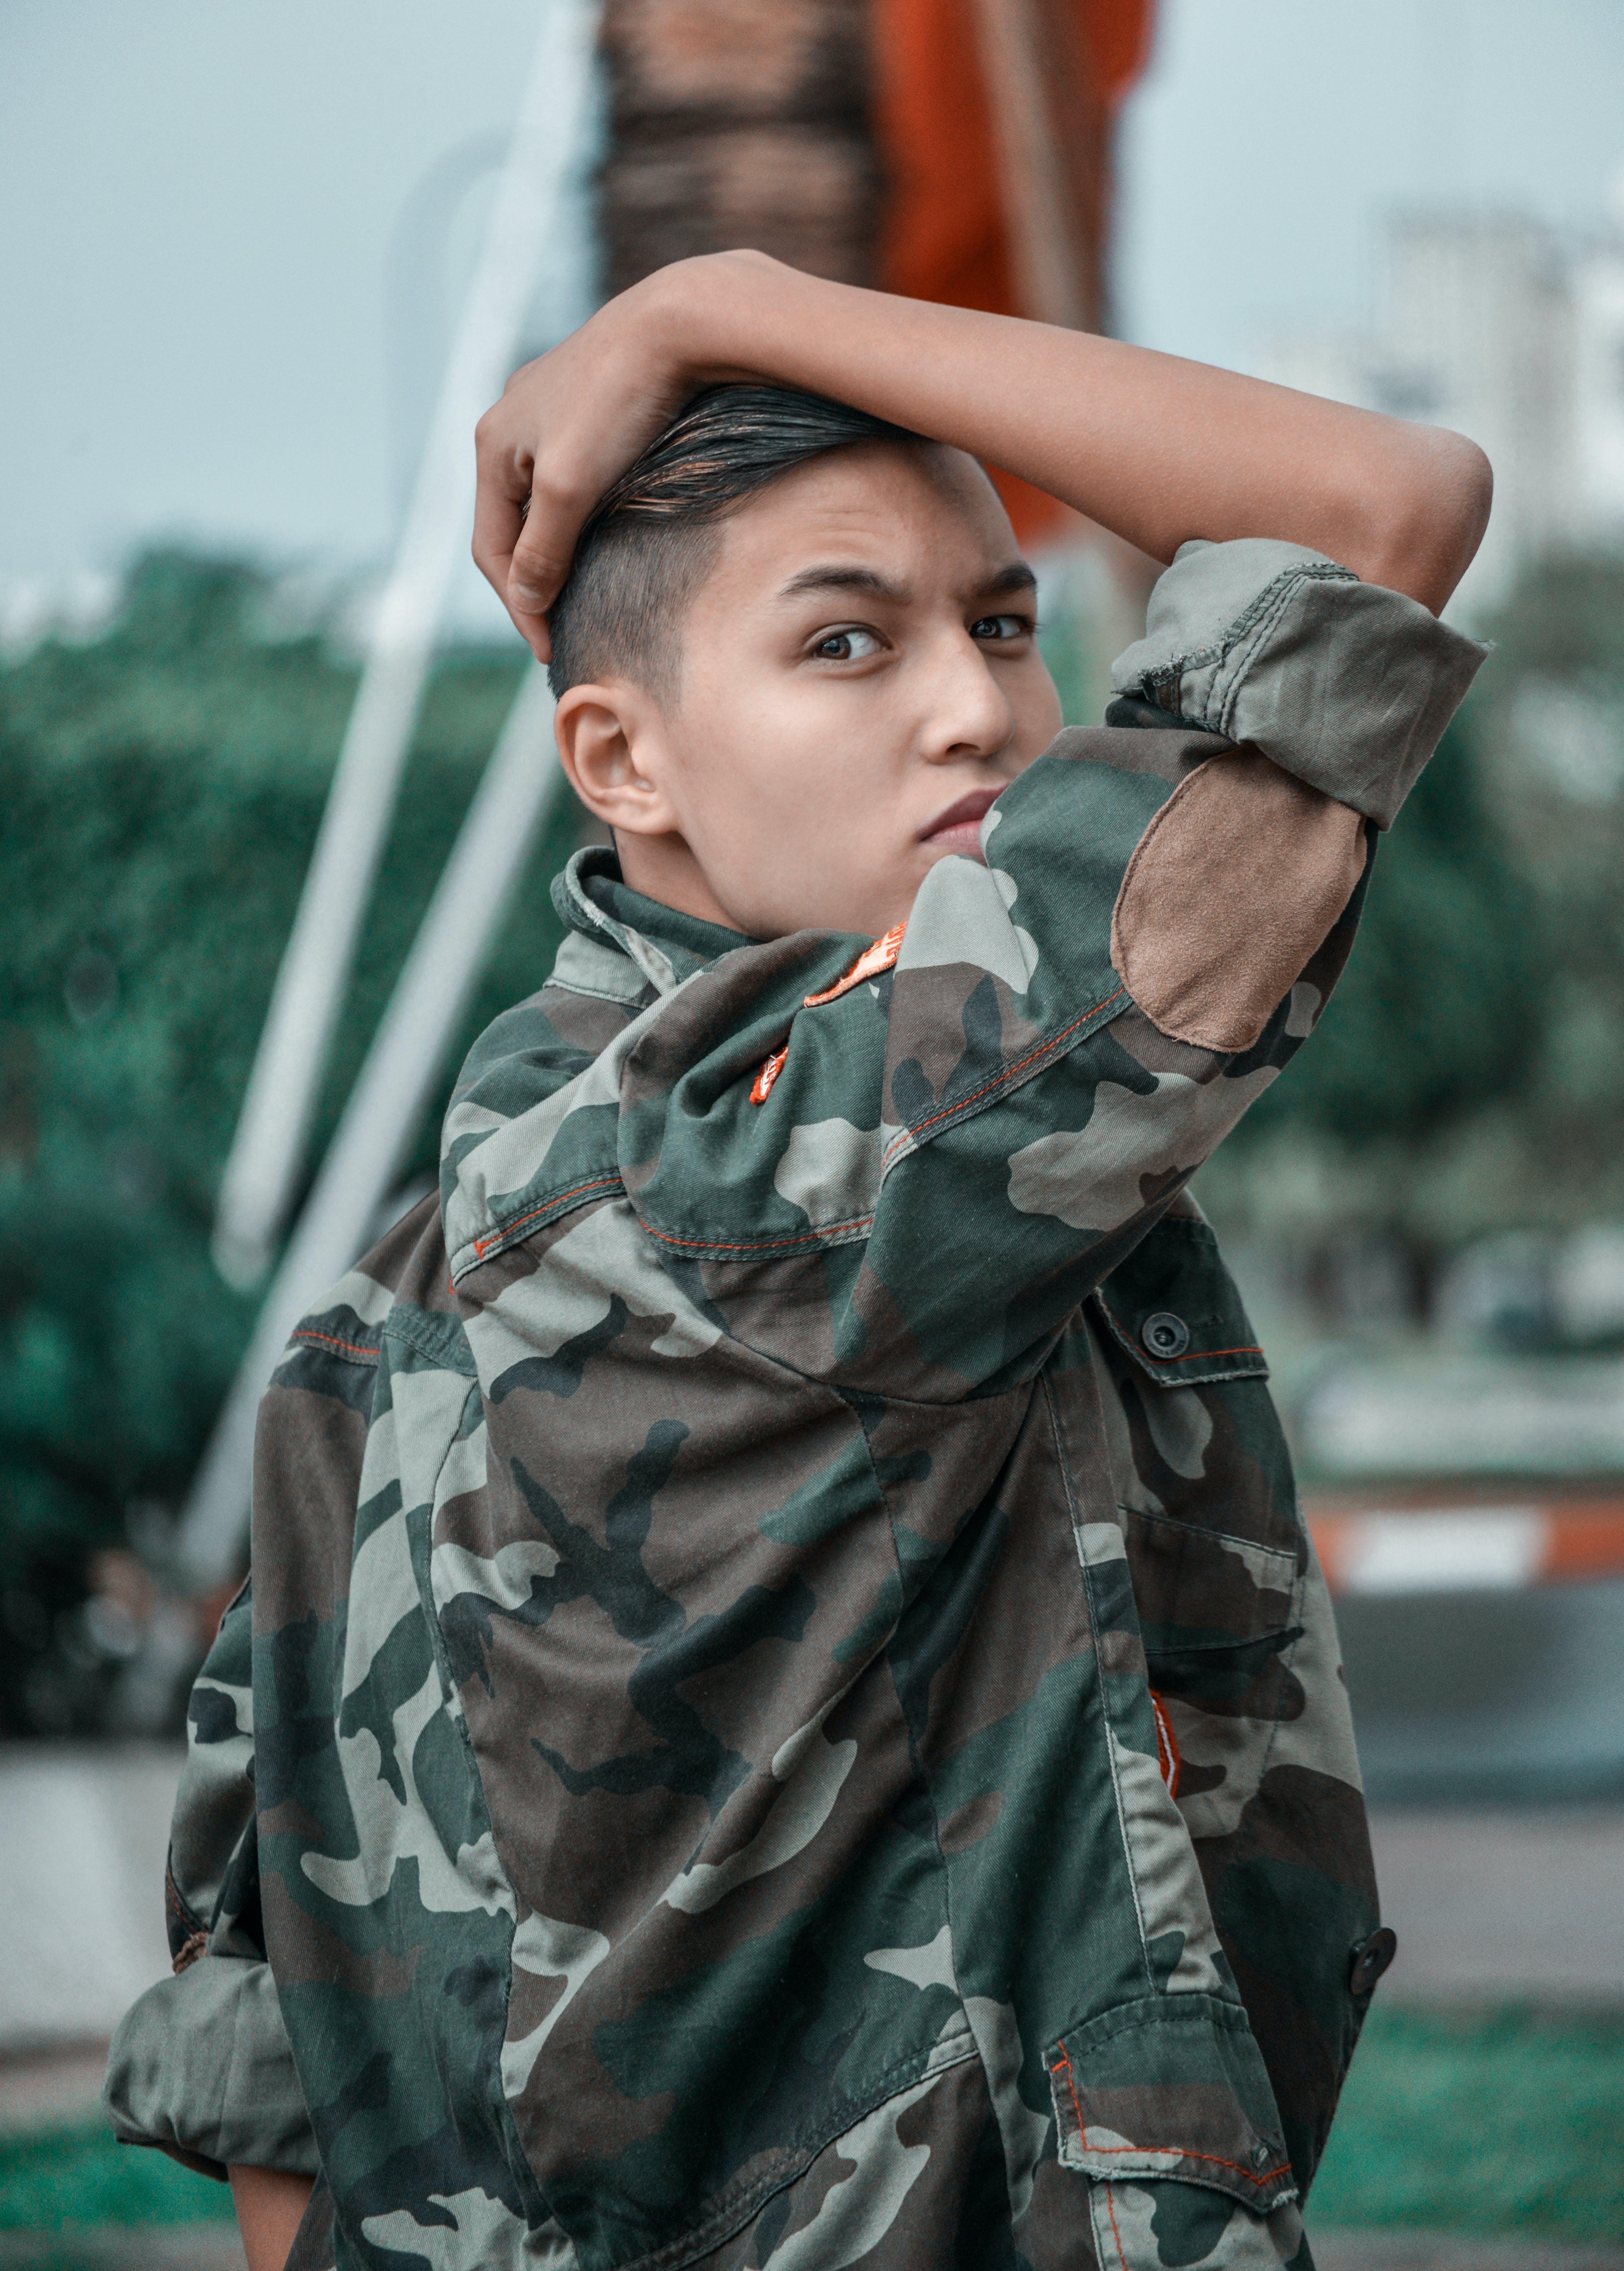 Photo of Boy Wearing Camouflage Jacket